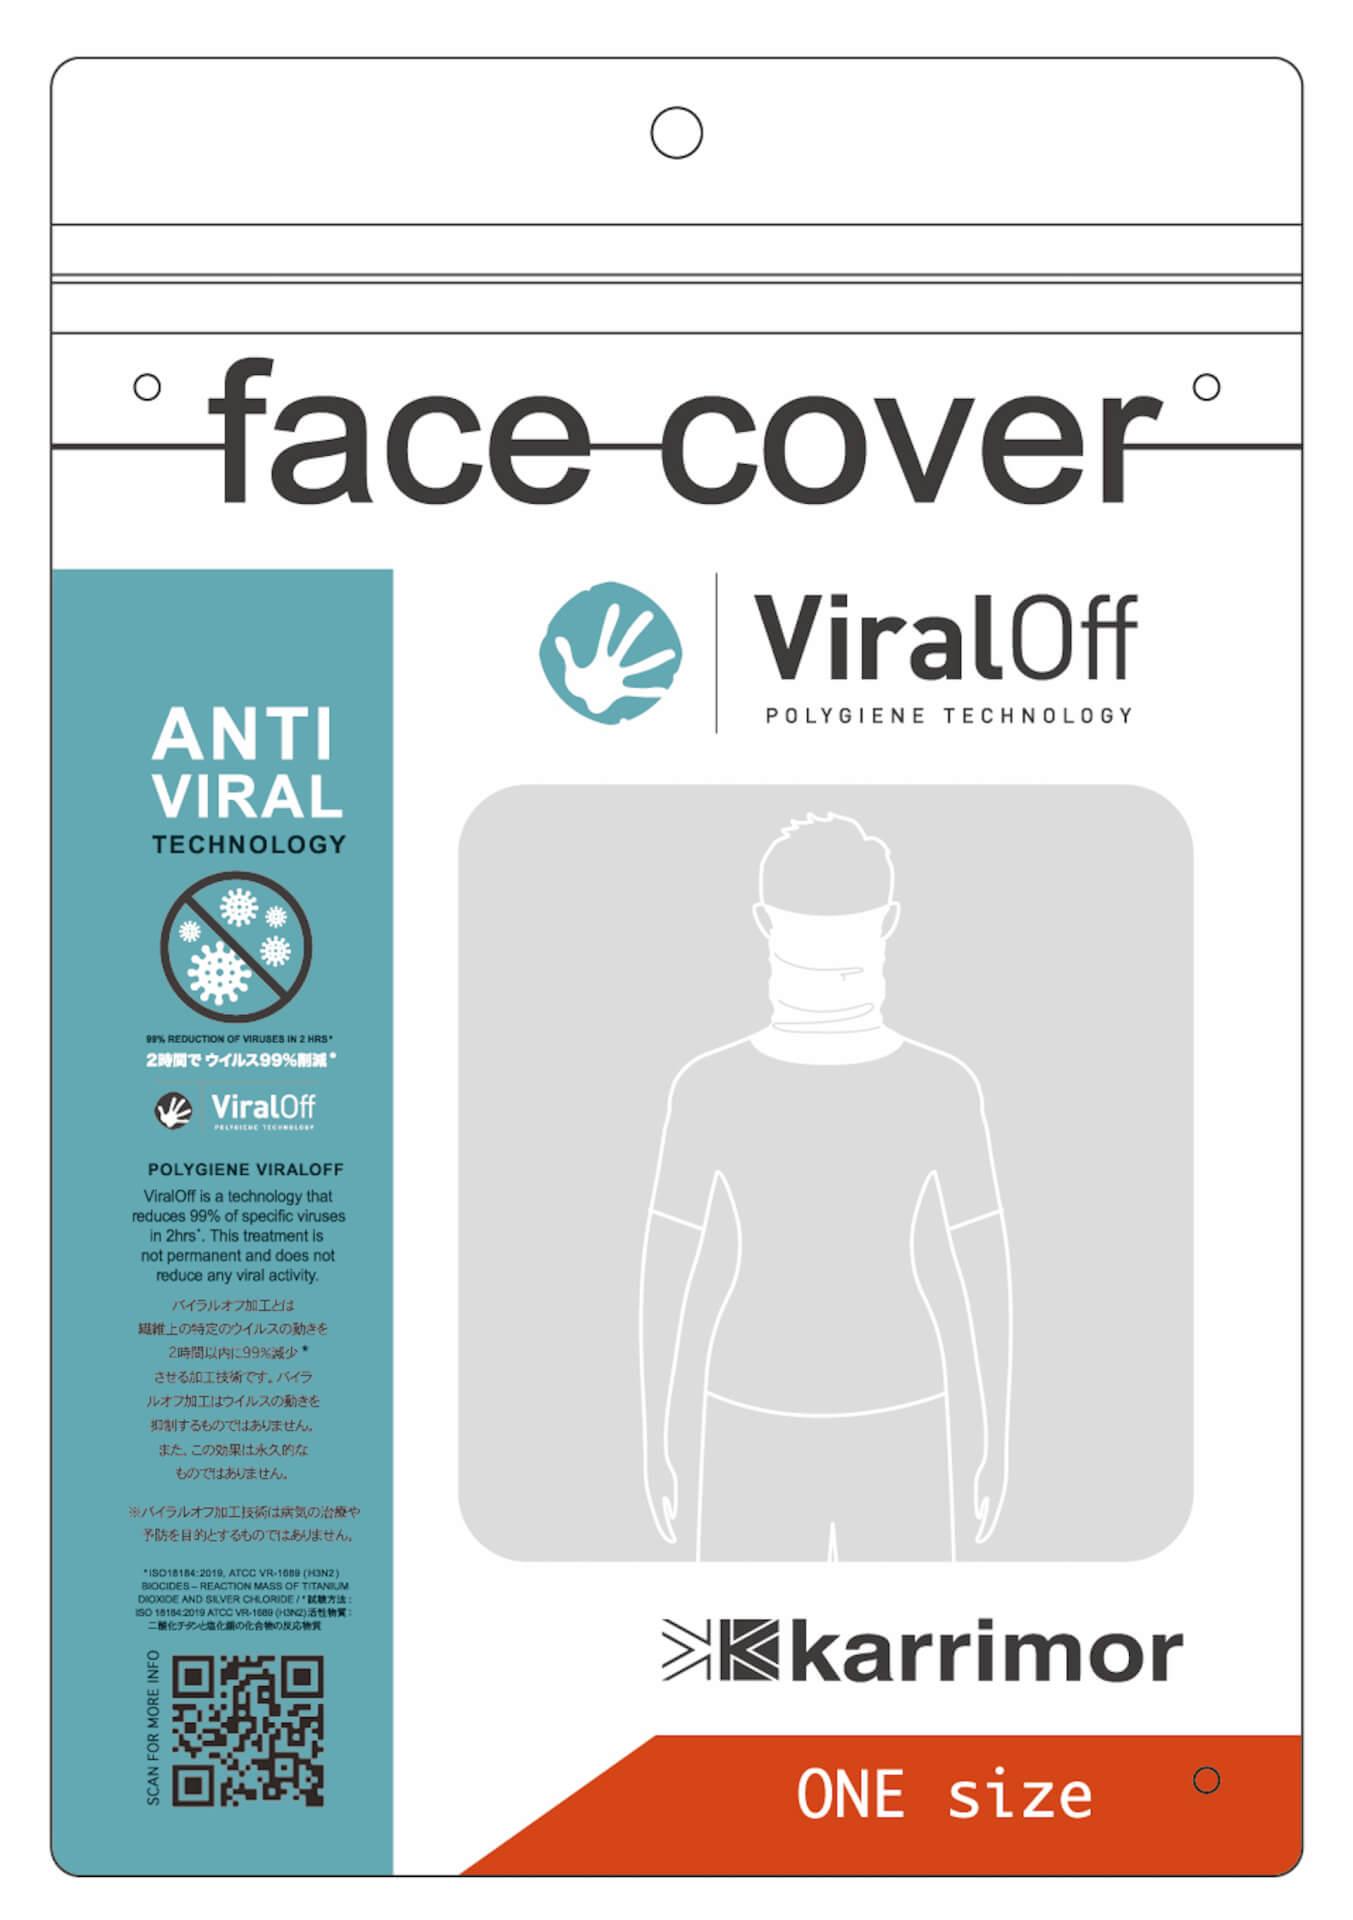 2時間でウイルスの99%が減少!ViralOff®を採用したカリマーのフェイスカバーが本日発売 life201214_karrimor_facecover_1